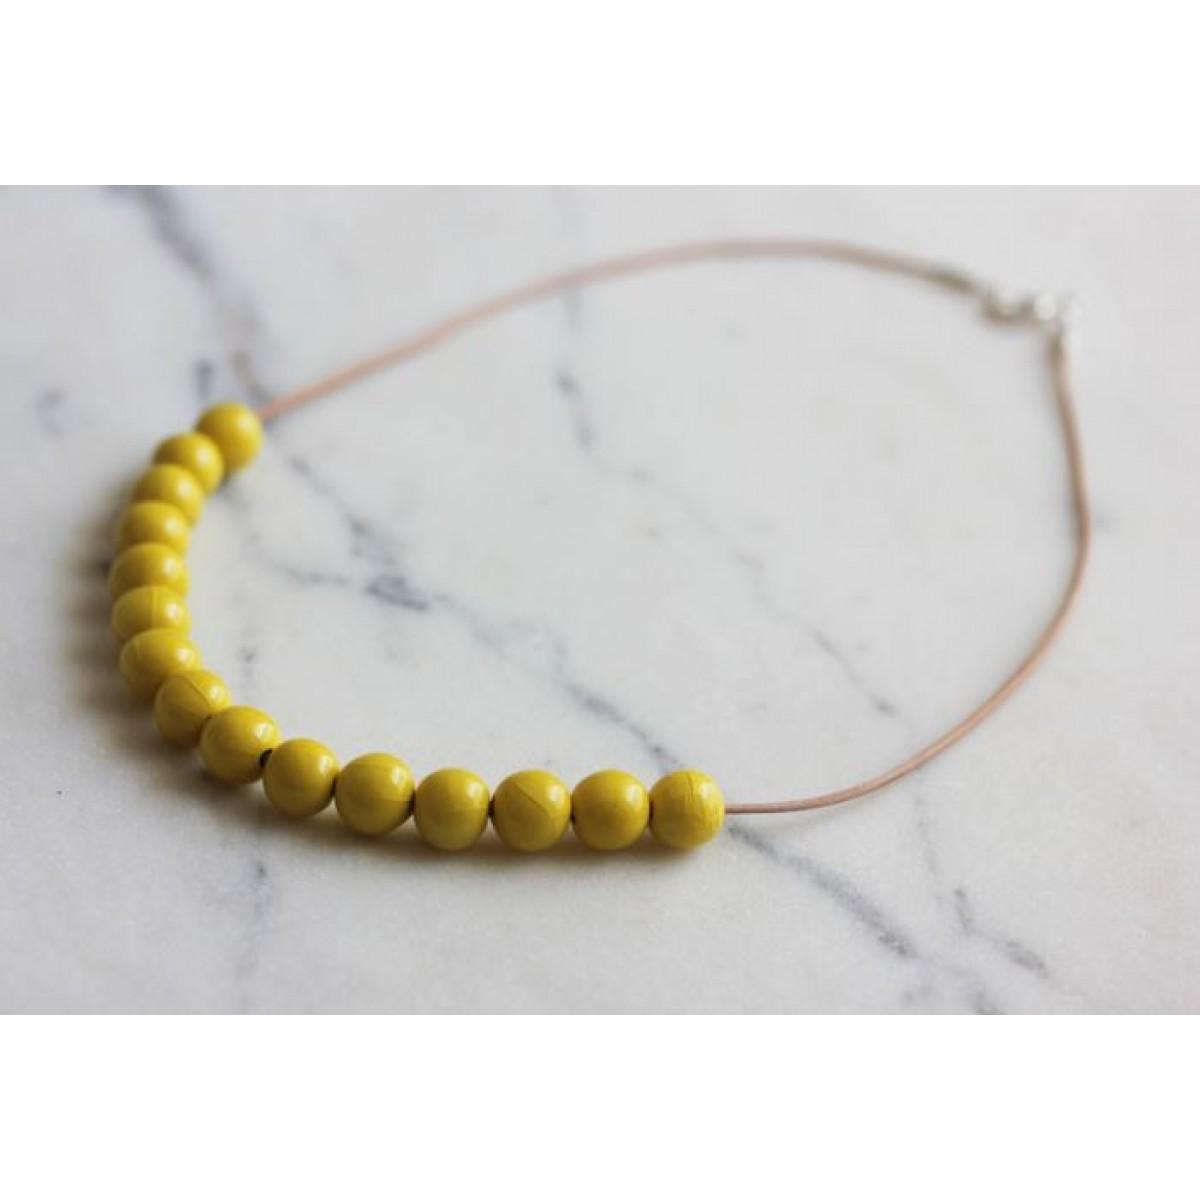 Skelini - Kurze Porzellanperlenkette, gelb